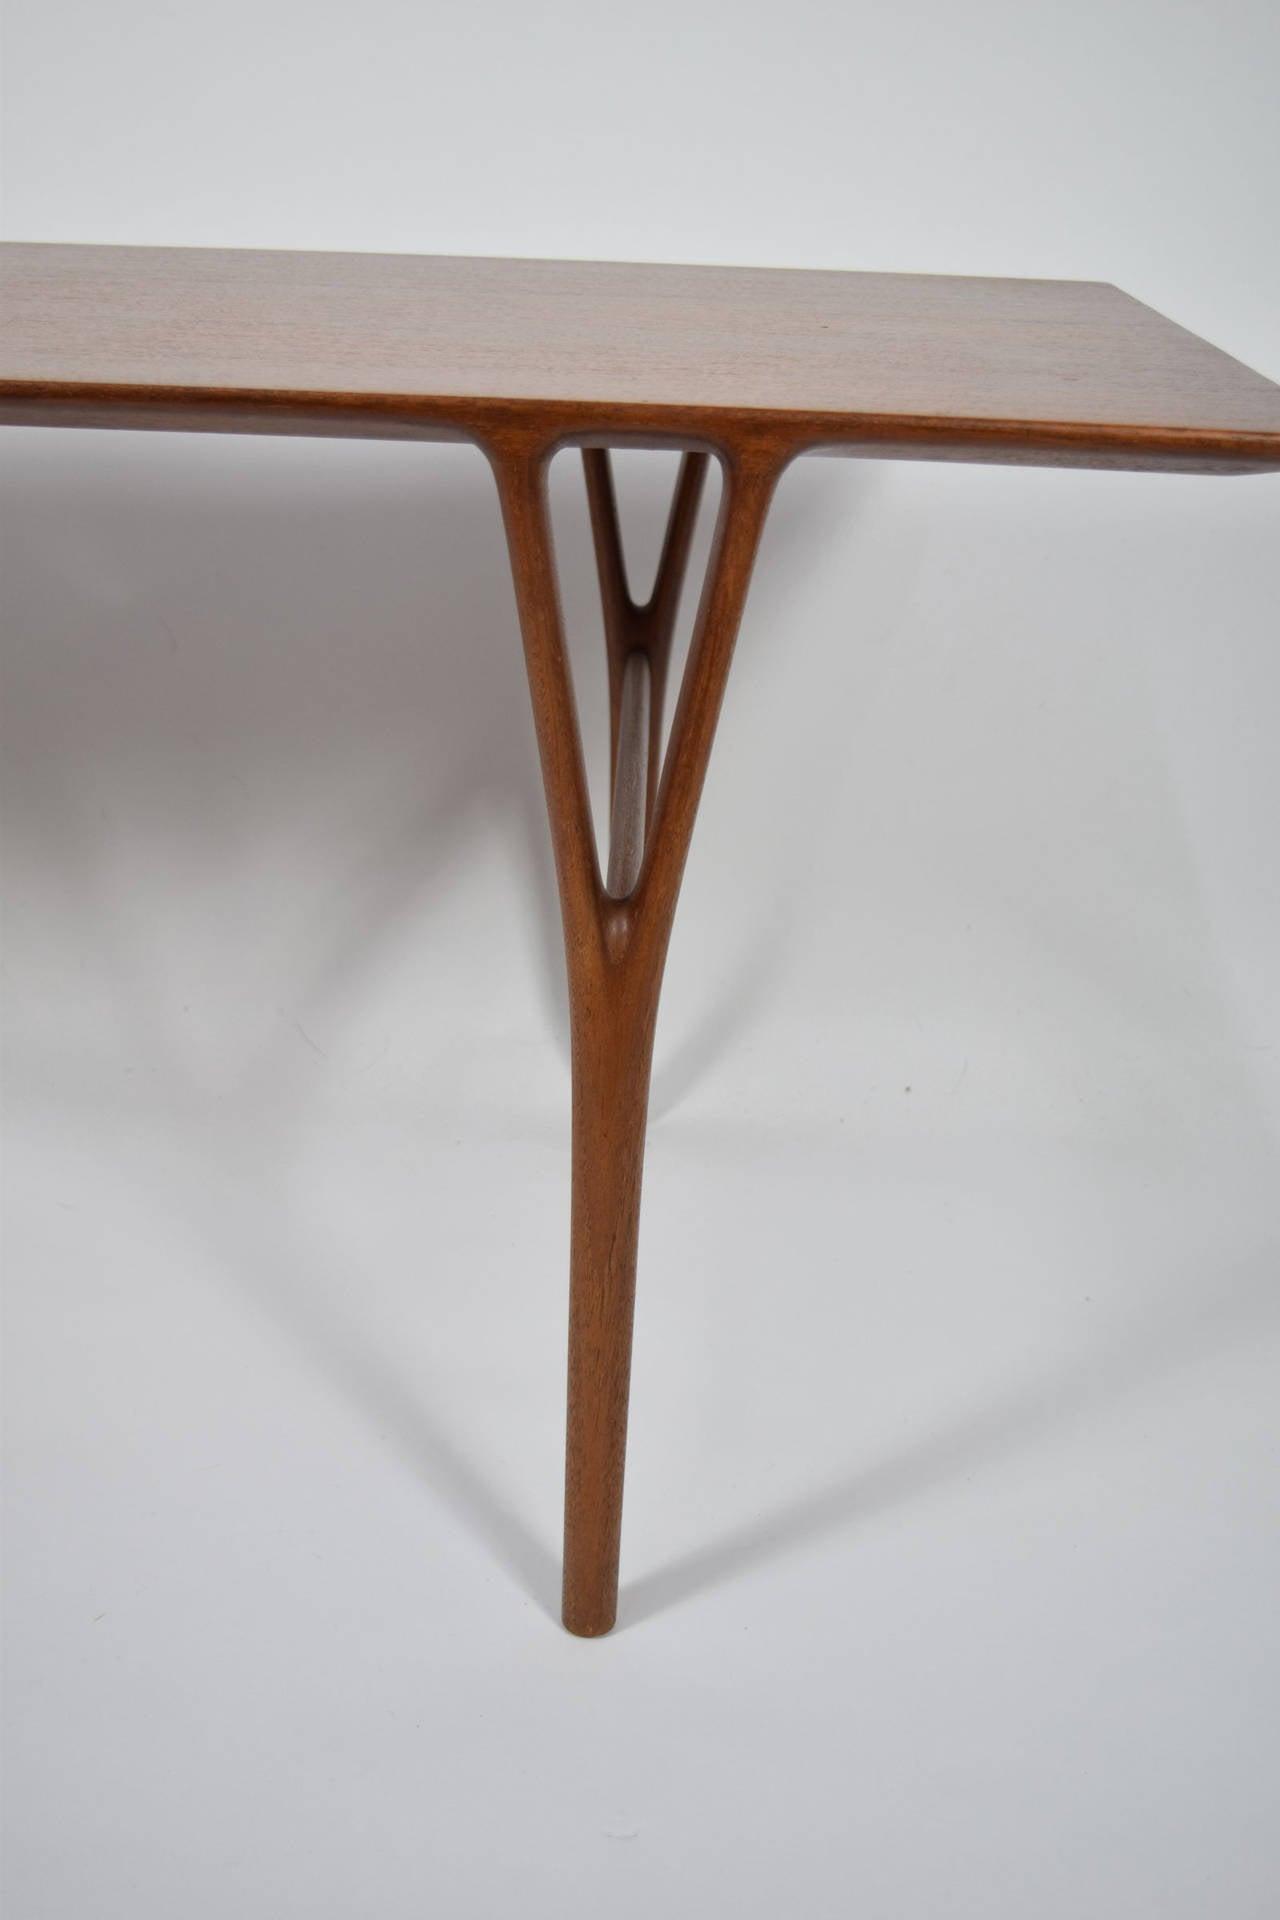 Danish Coffee Table by Helge Vestergaard-Jensen For Sale